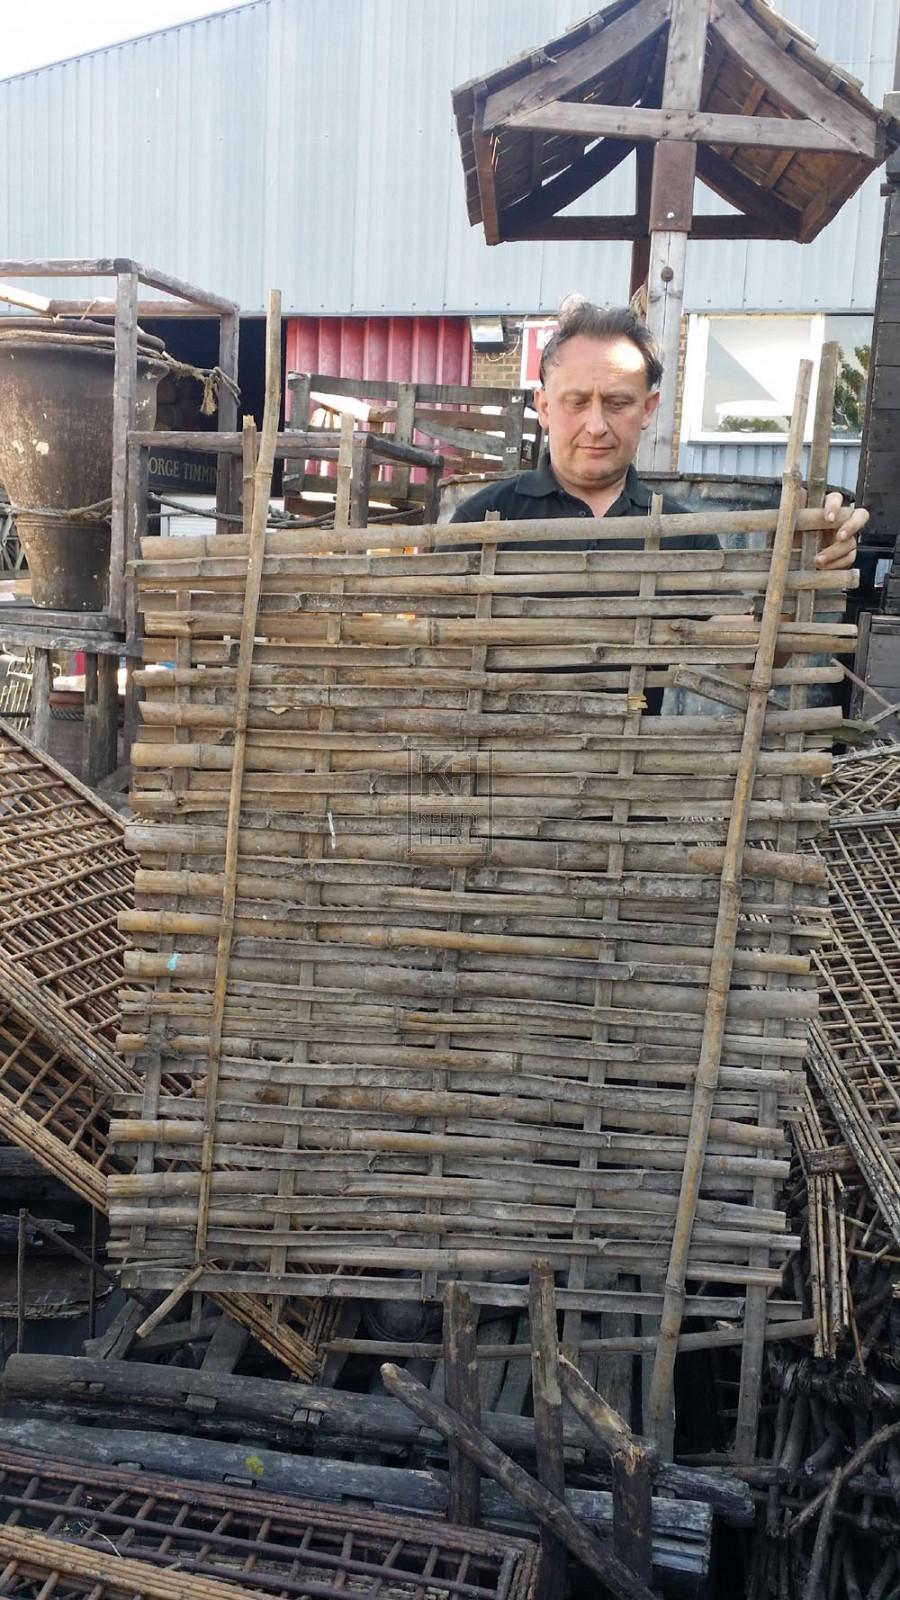 Split bamboo panels